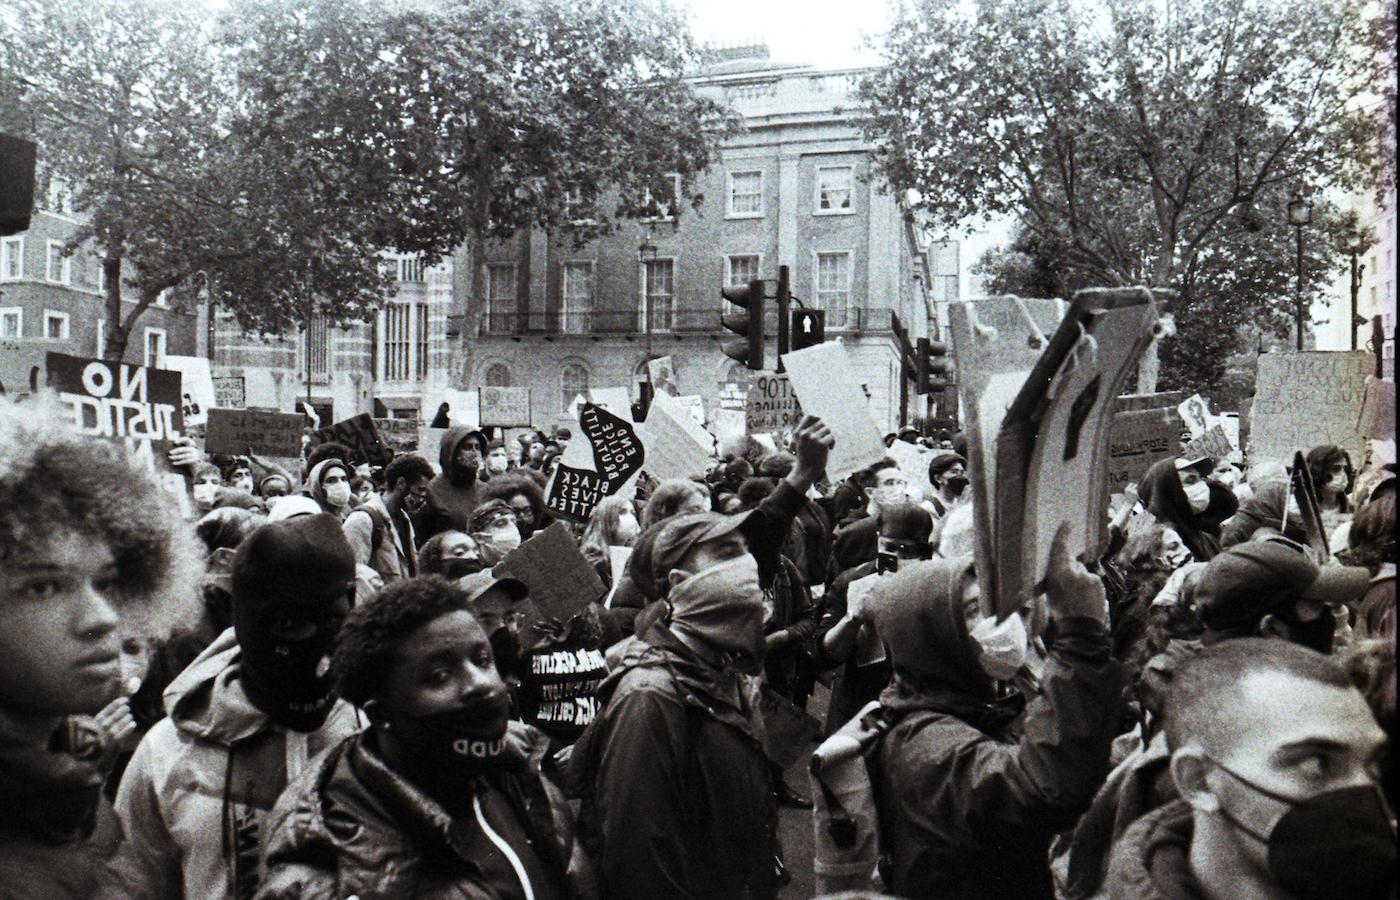 BLMのデモの様子。